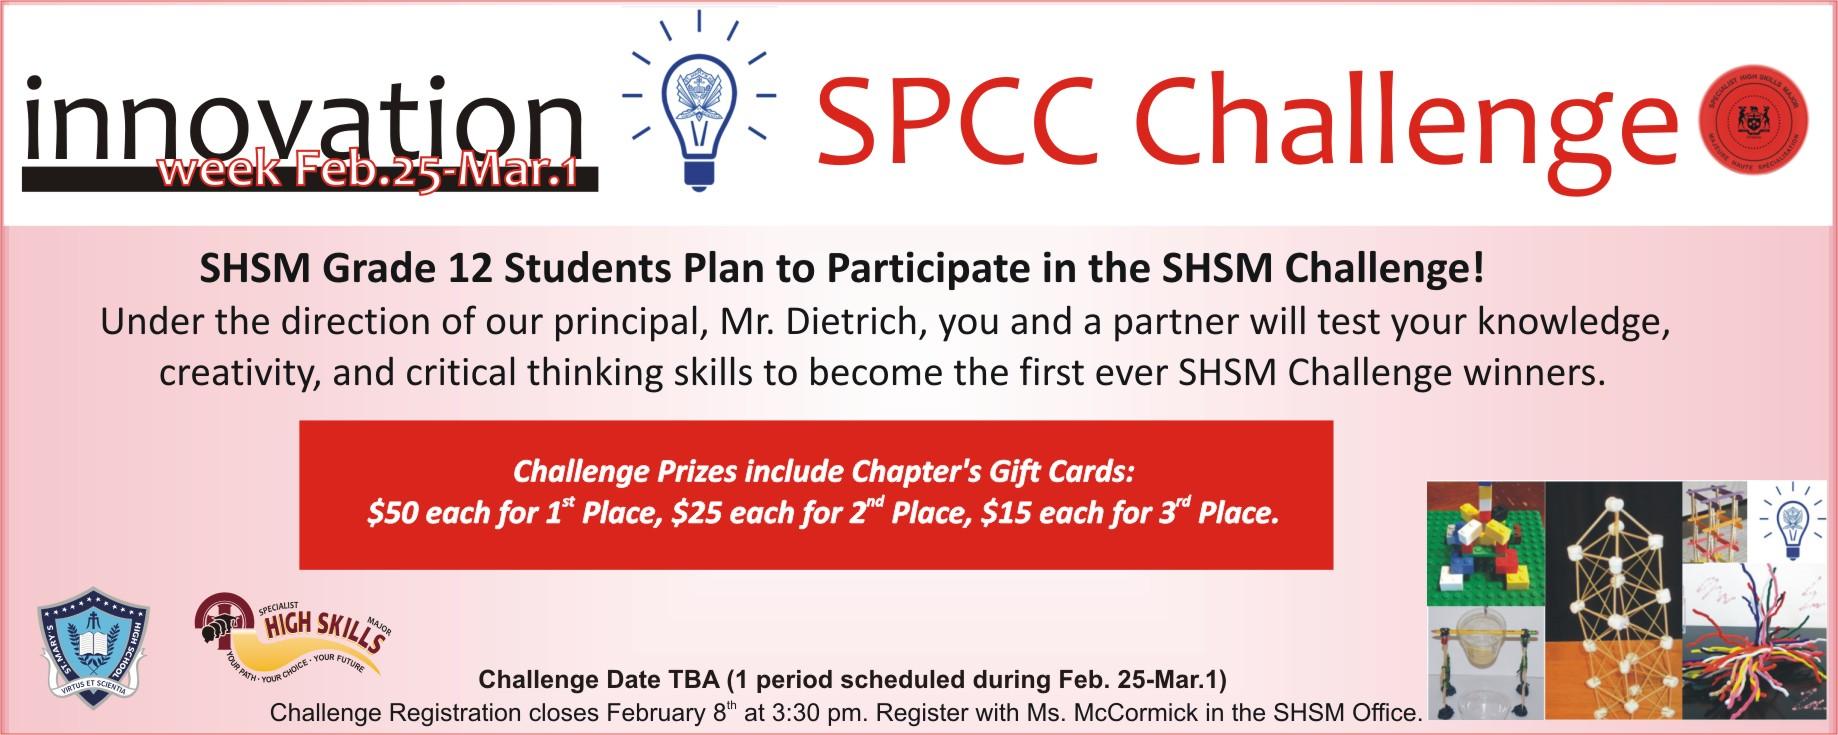 SHSM-SPCC-Completion-Innovation-Challenge-BANNER-Jan-2019